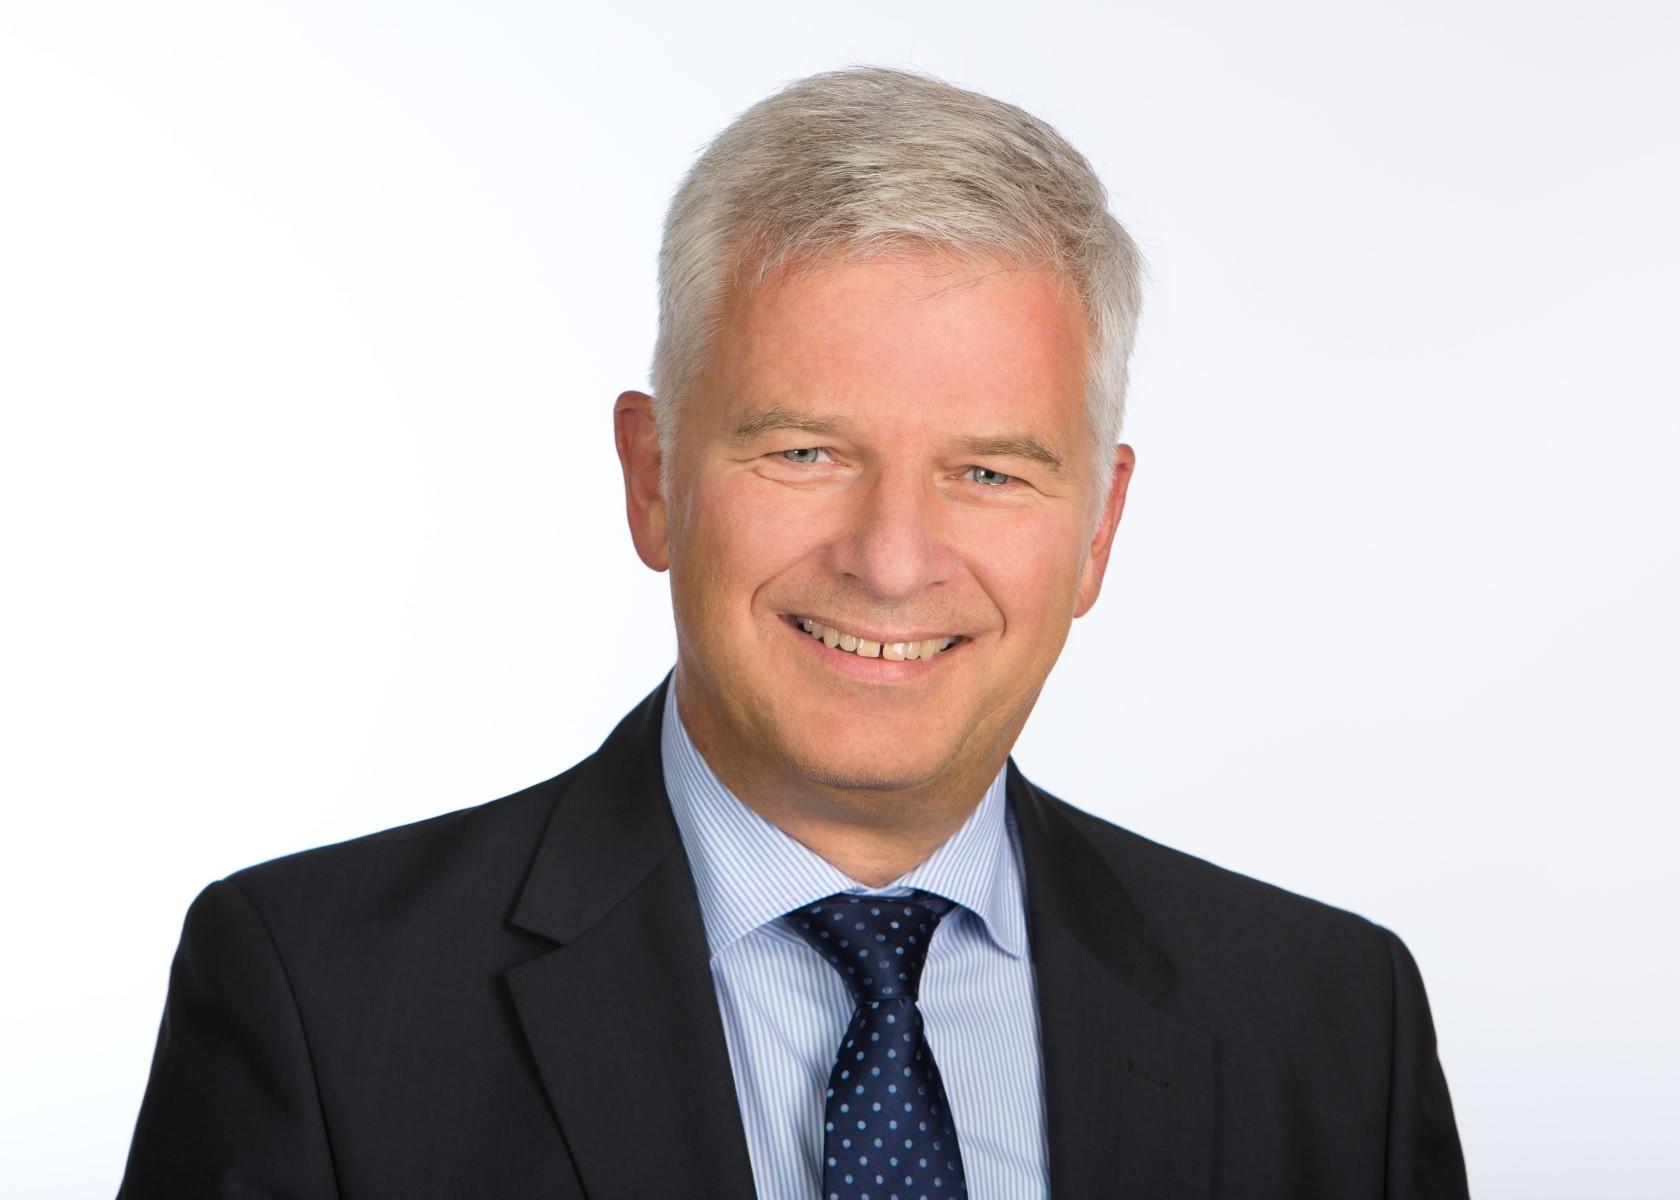 Michael Kügler BfP